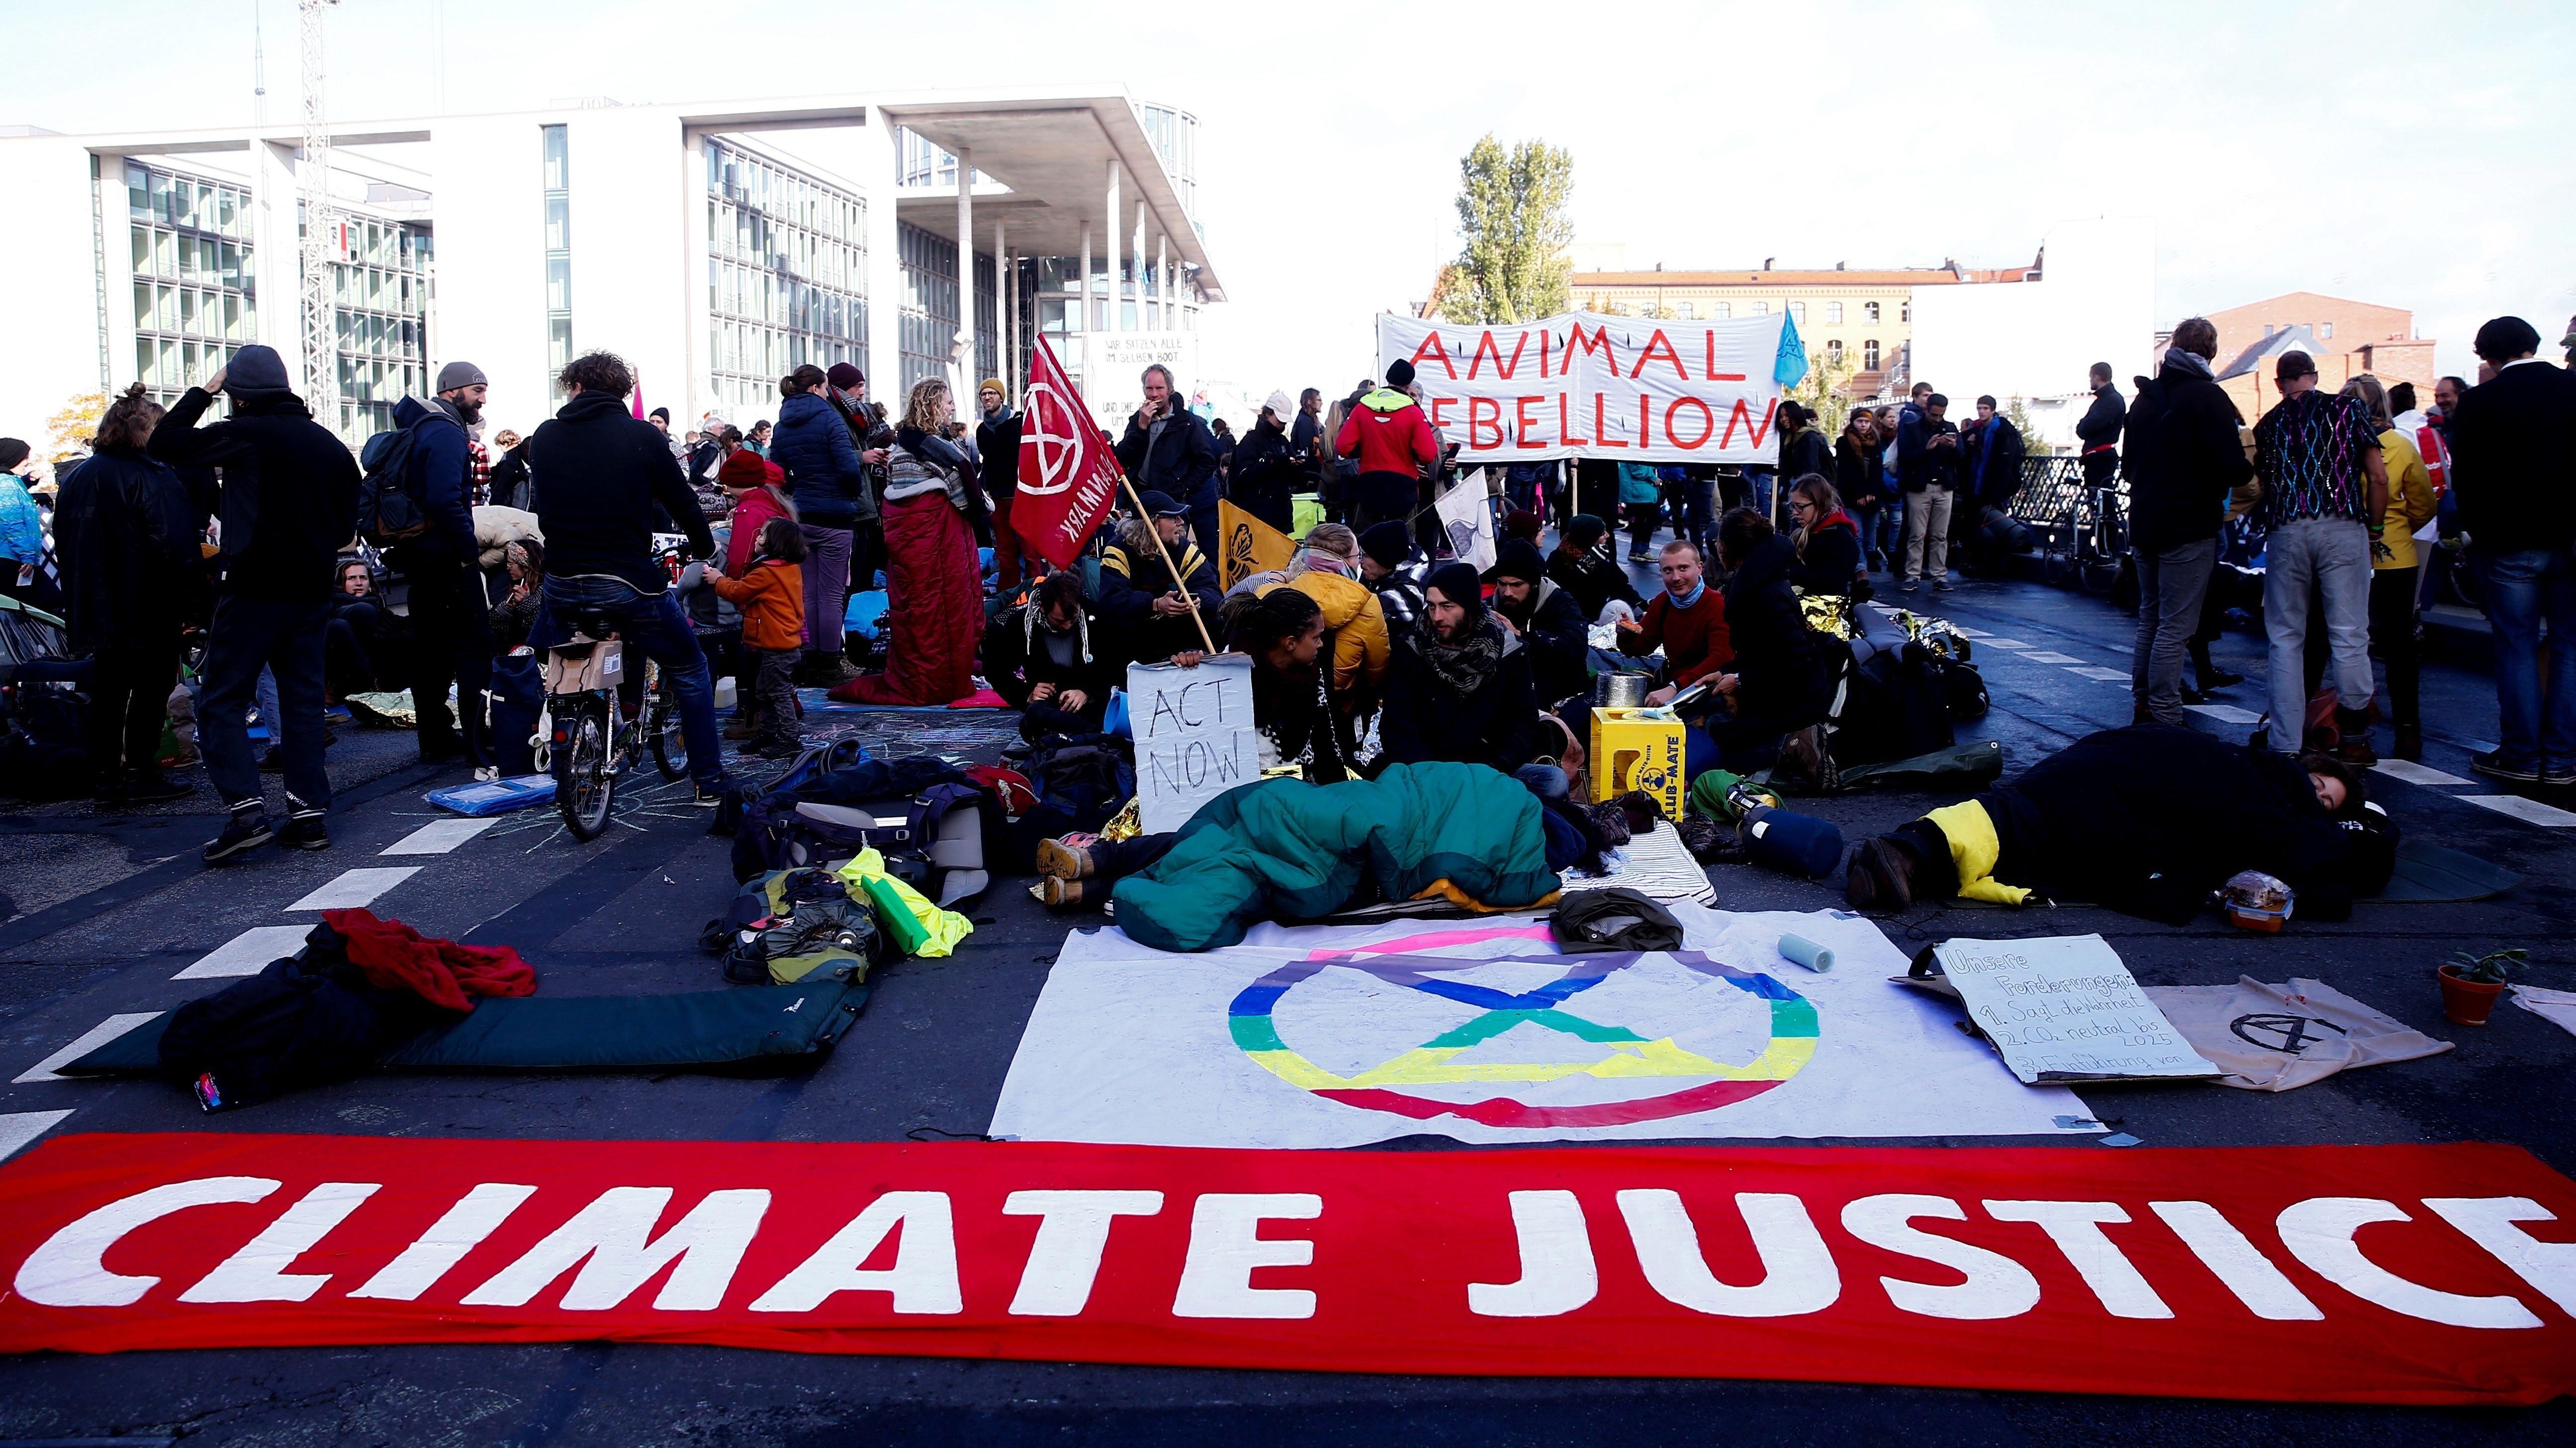 Umweltaktivisten der Gruppe Extinction Rebellion blockieren eine Straße in Berlin durch einen Sitzstreik.